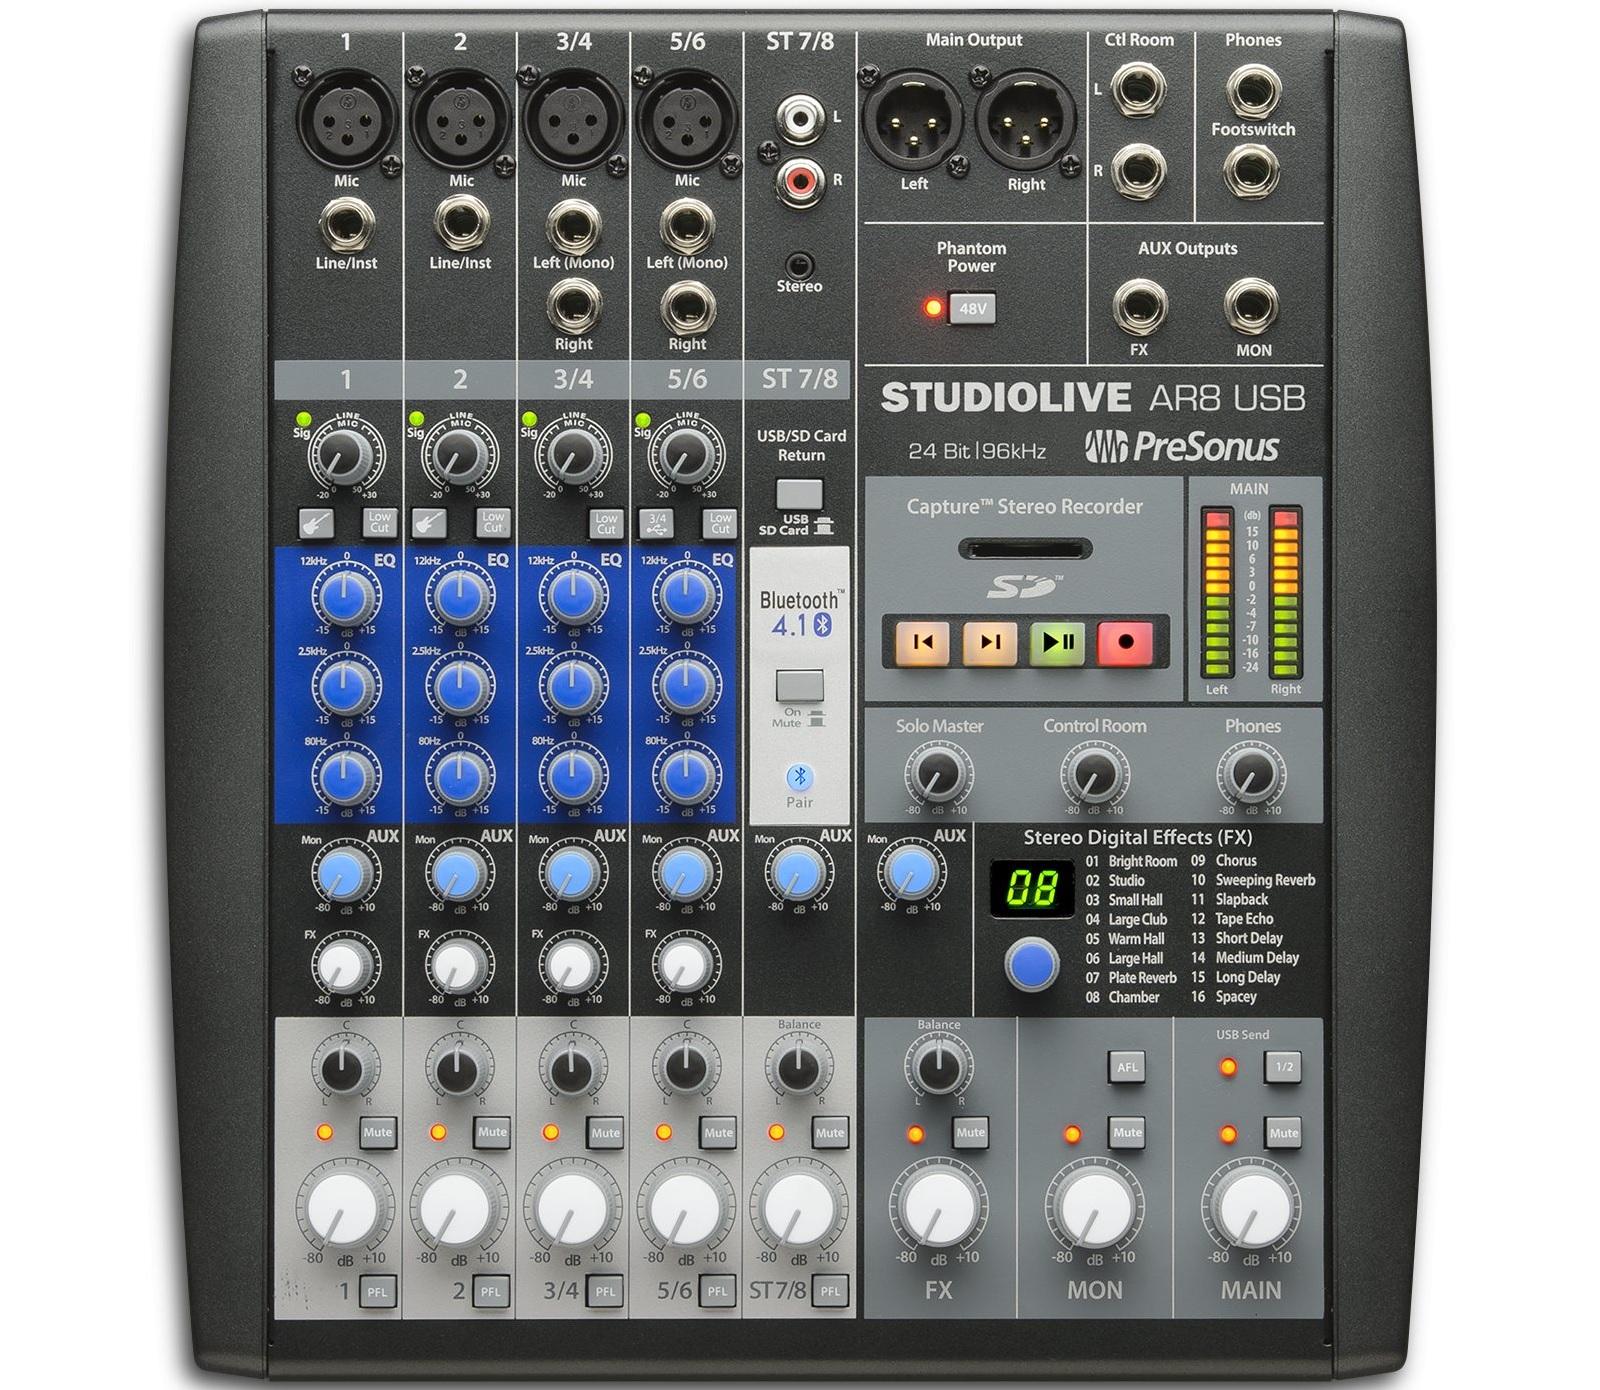 ProSound Профессиональный звук